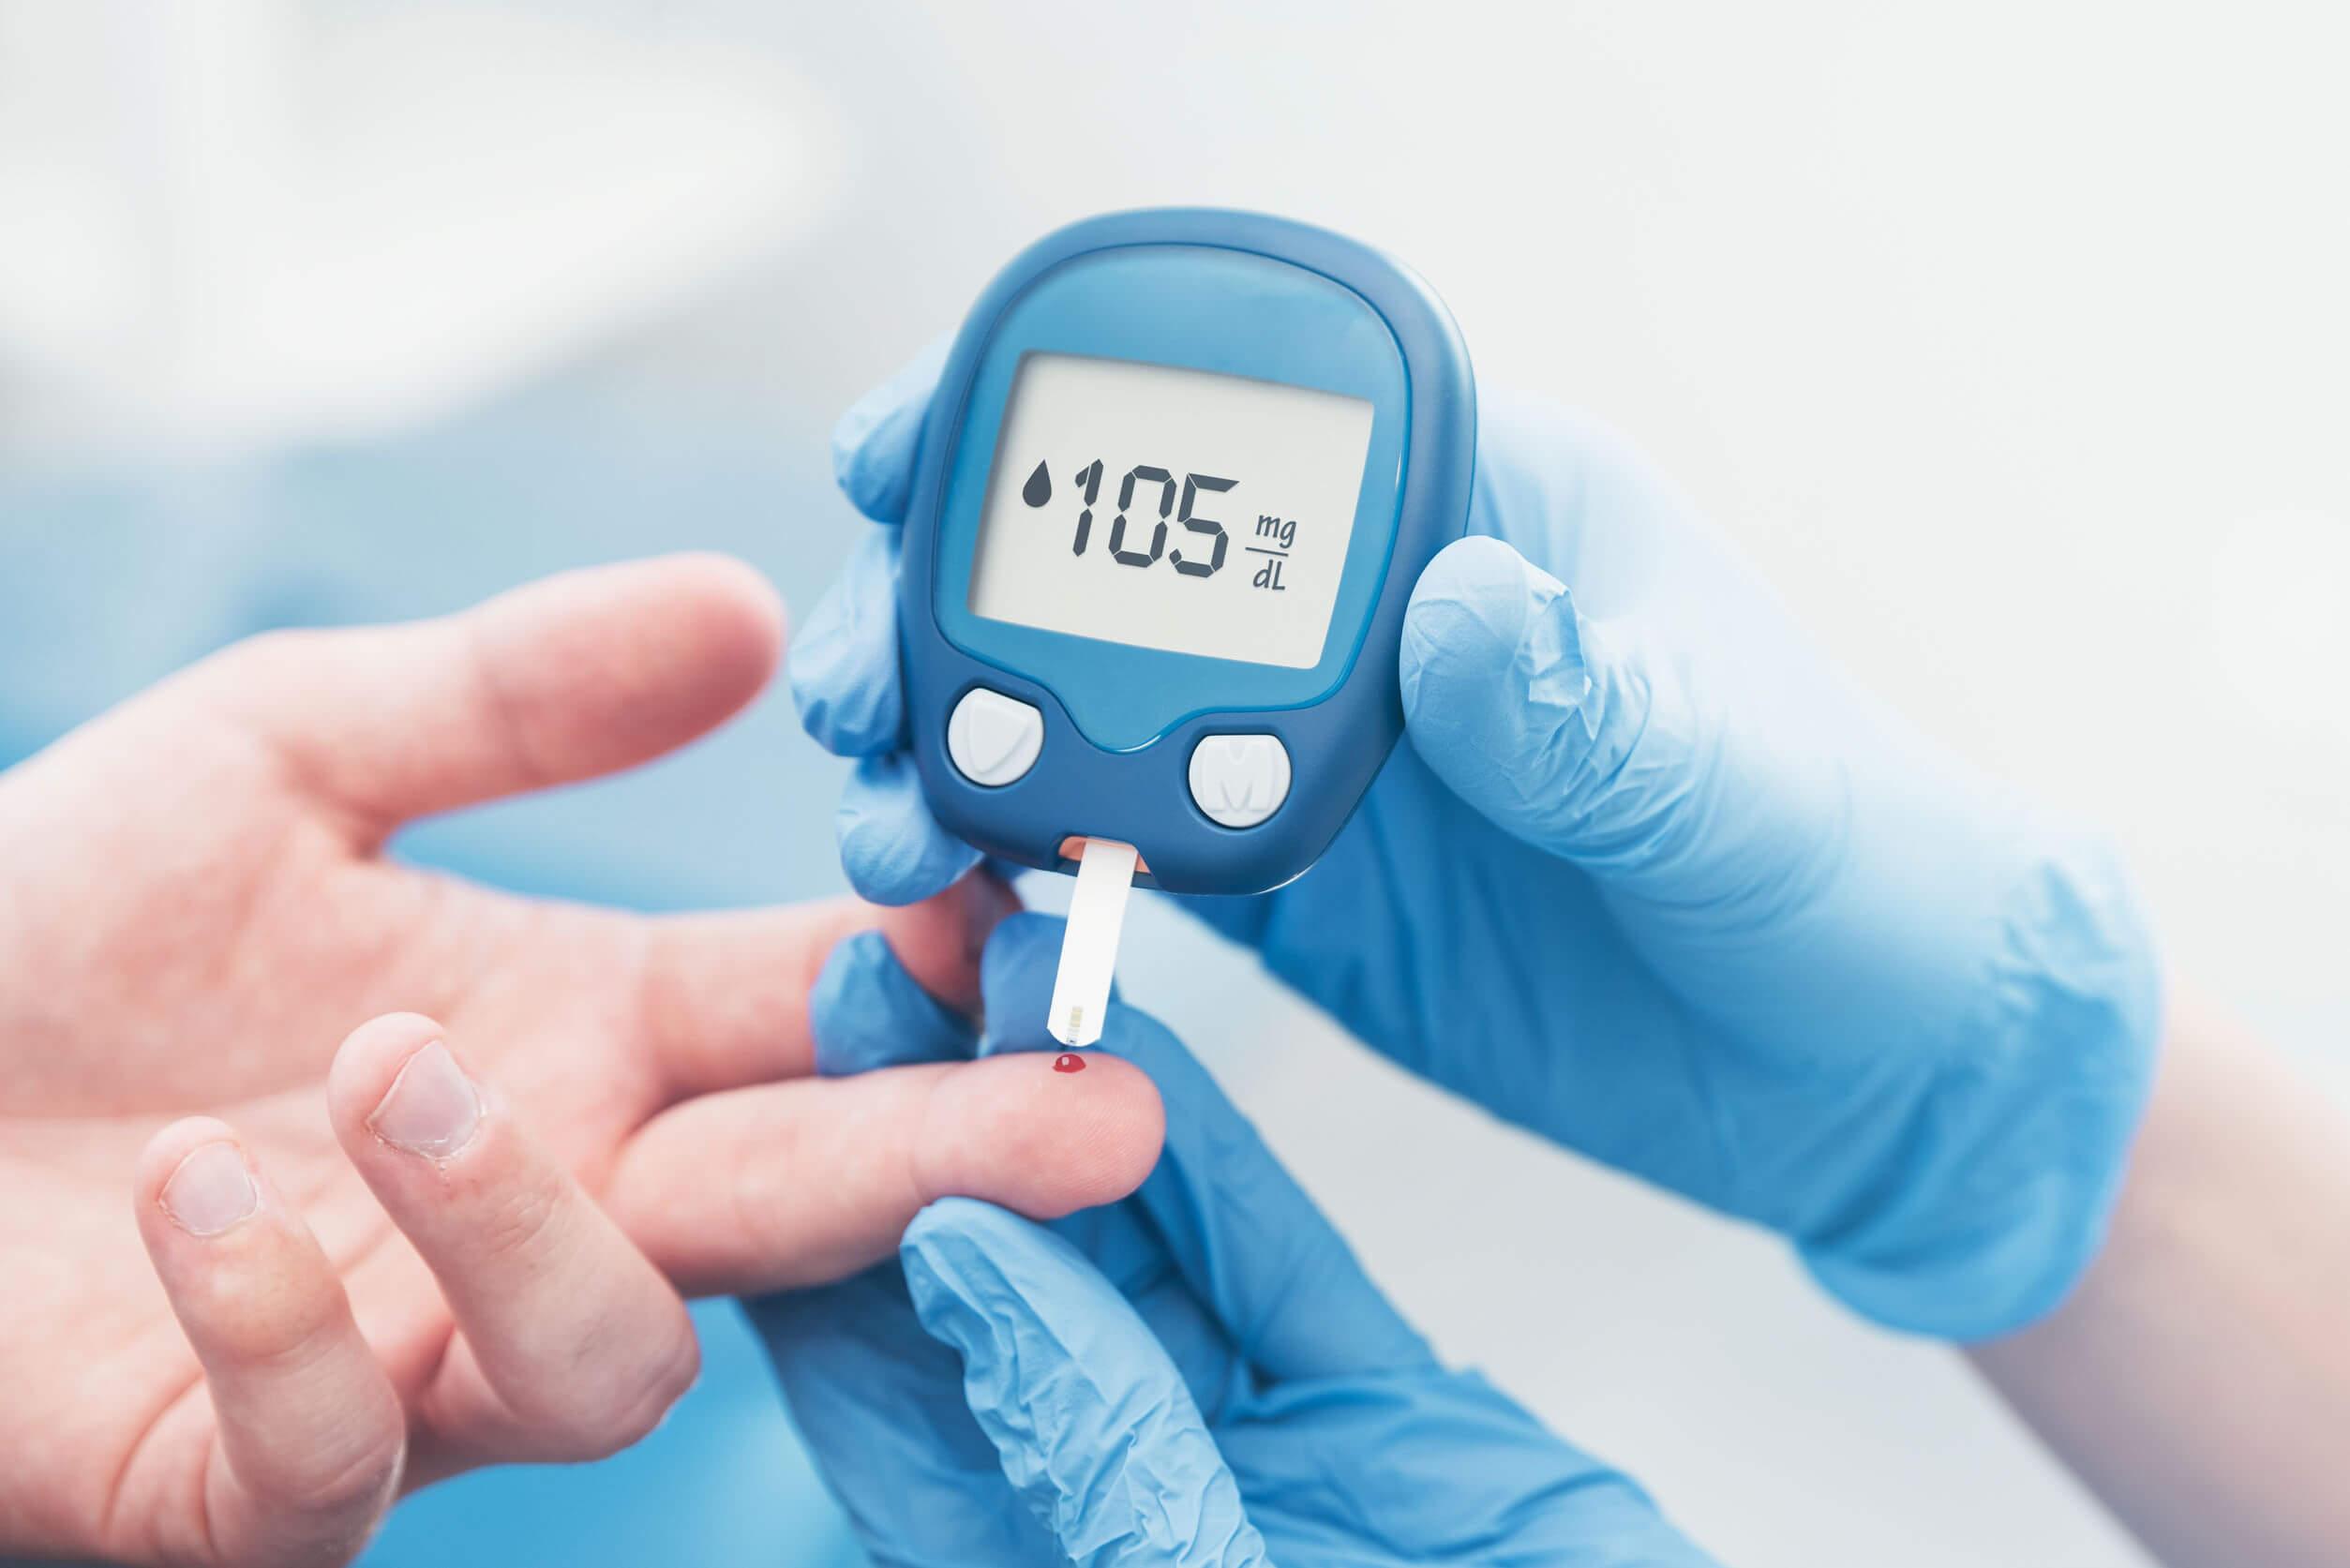 La dieta sin hidratos de carbono se relaciona con la incidencia de diabetes.